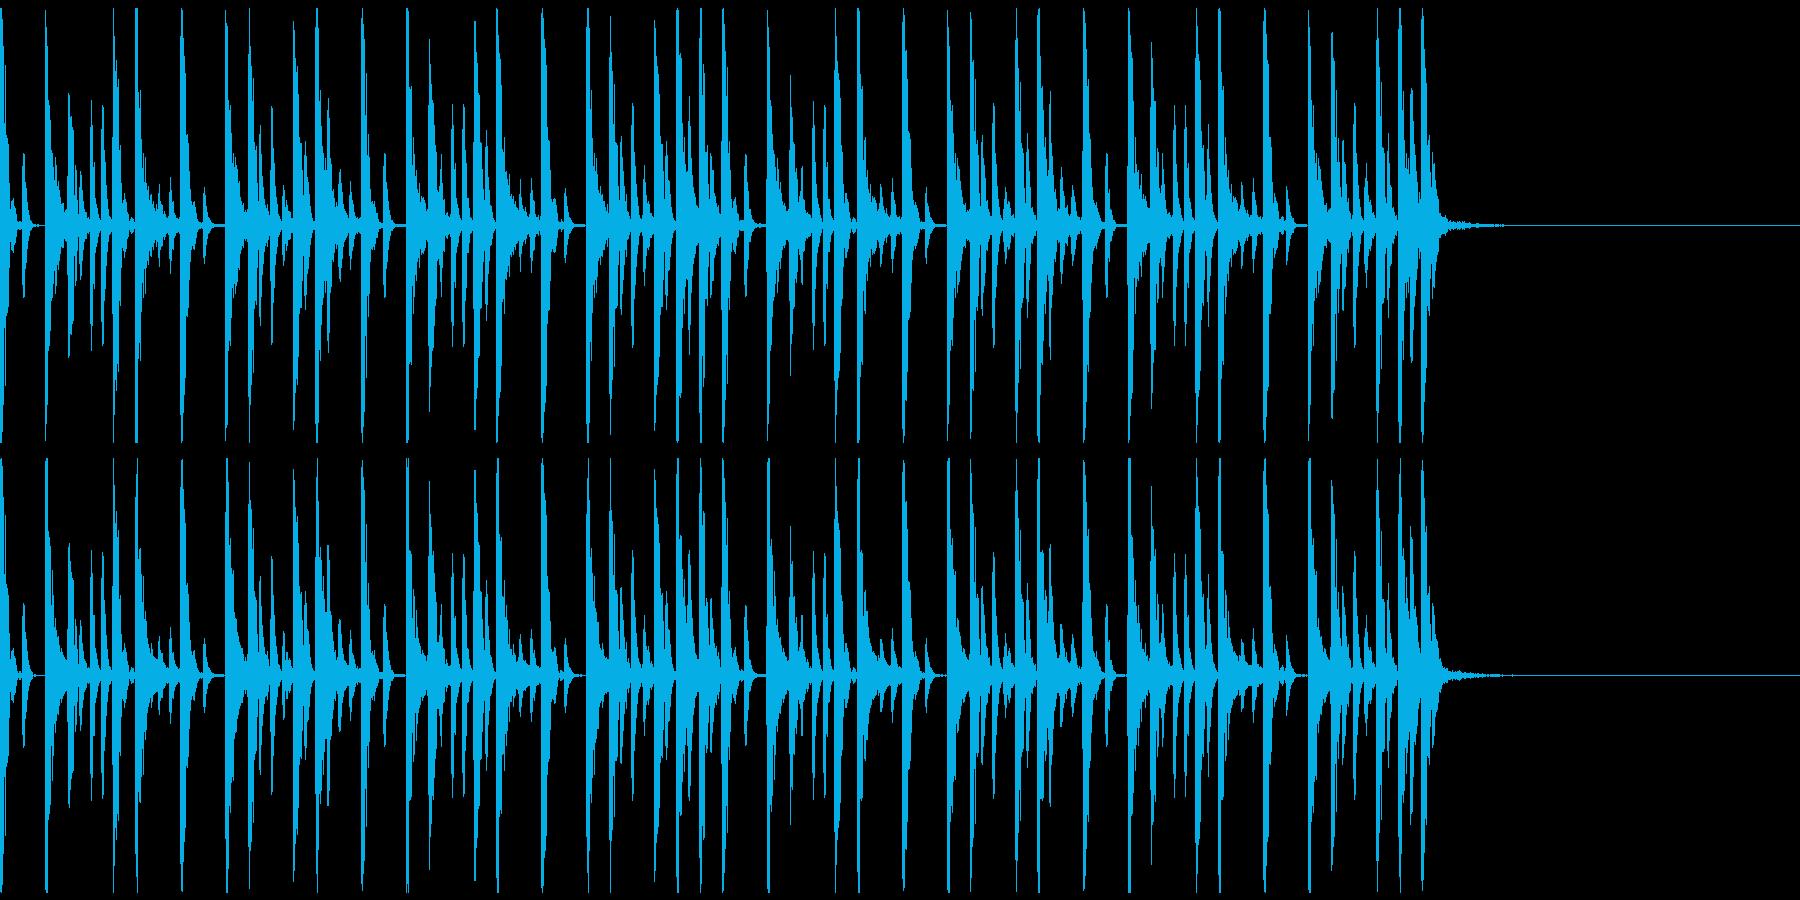 ドラムンベースのリズムパターン01の再生済みの波形